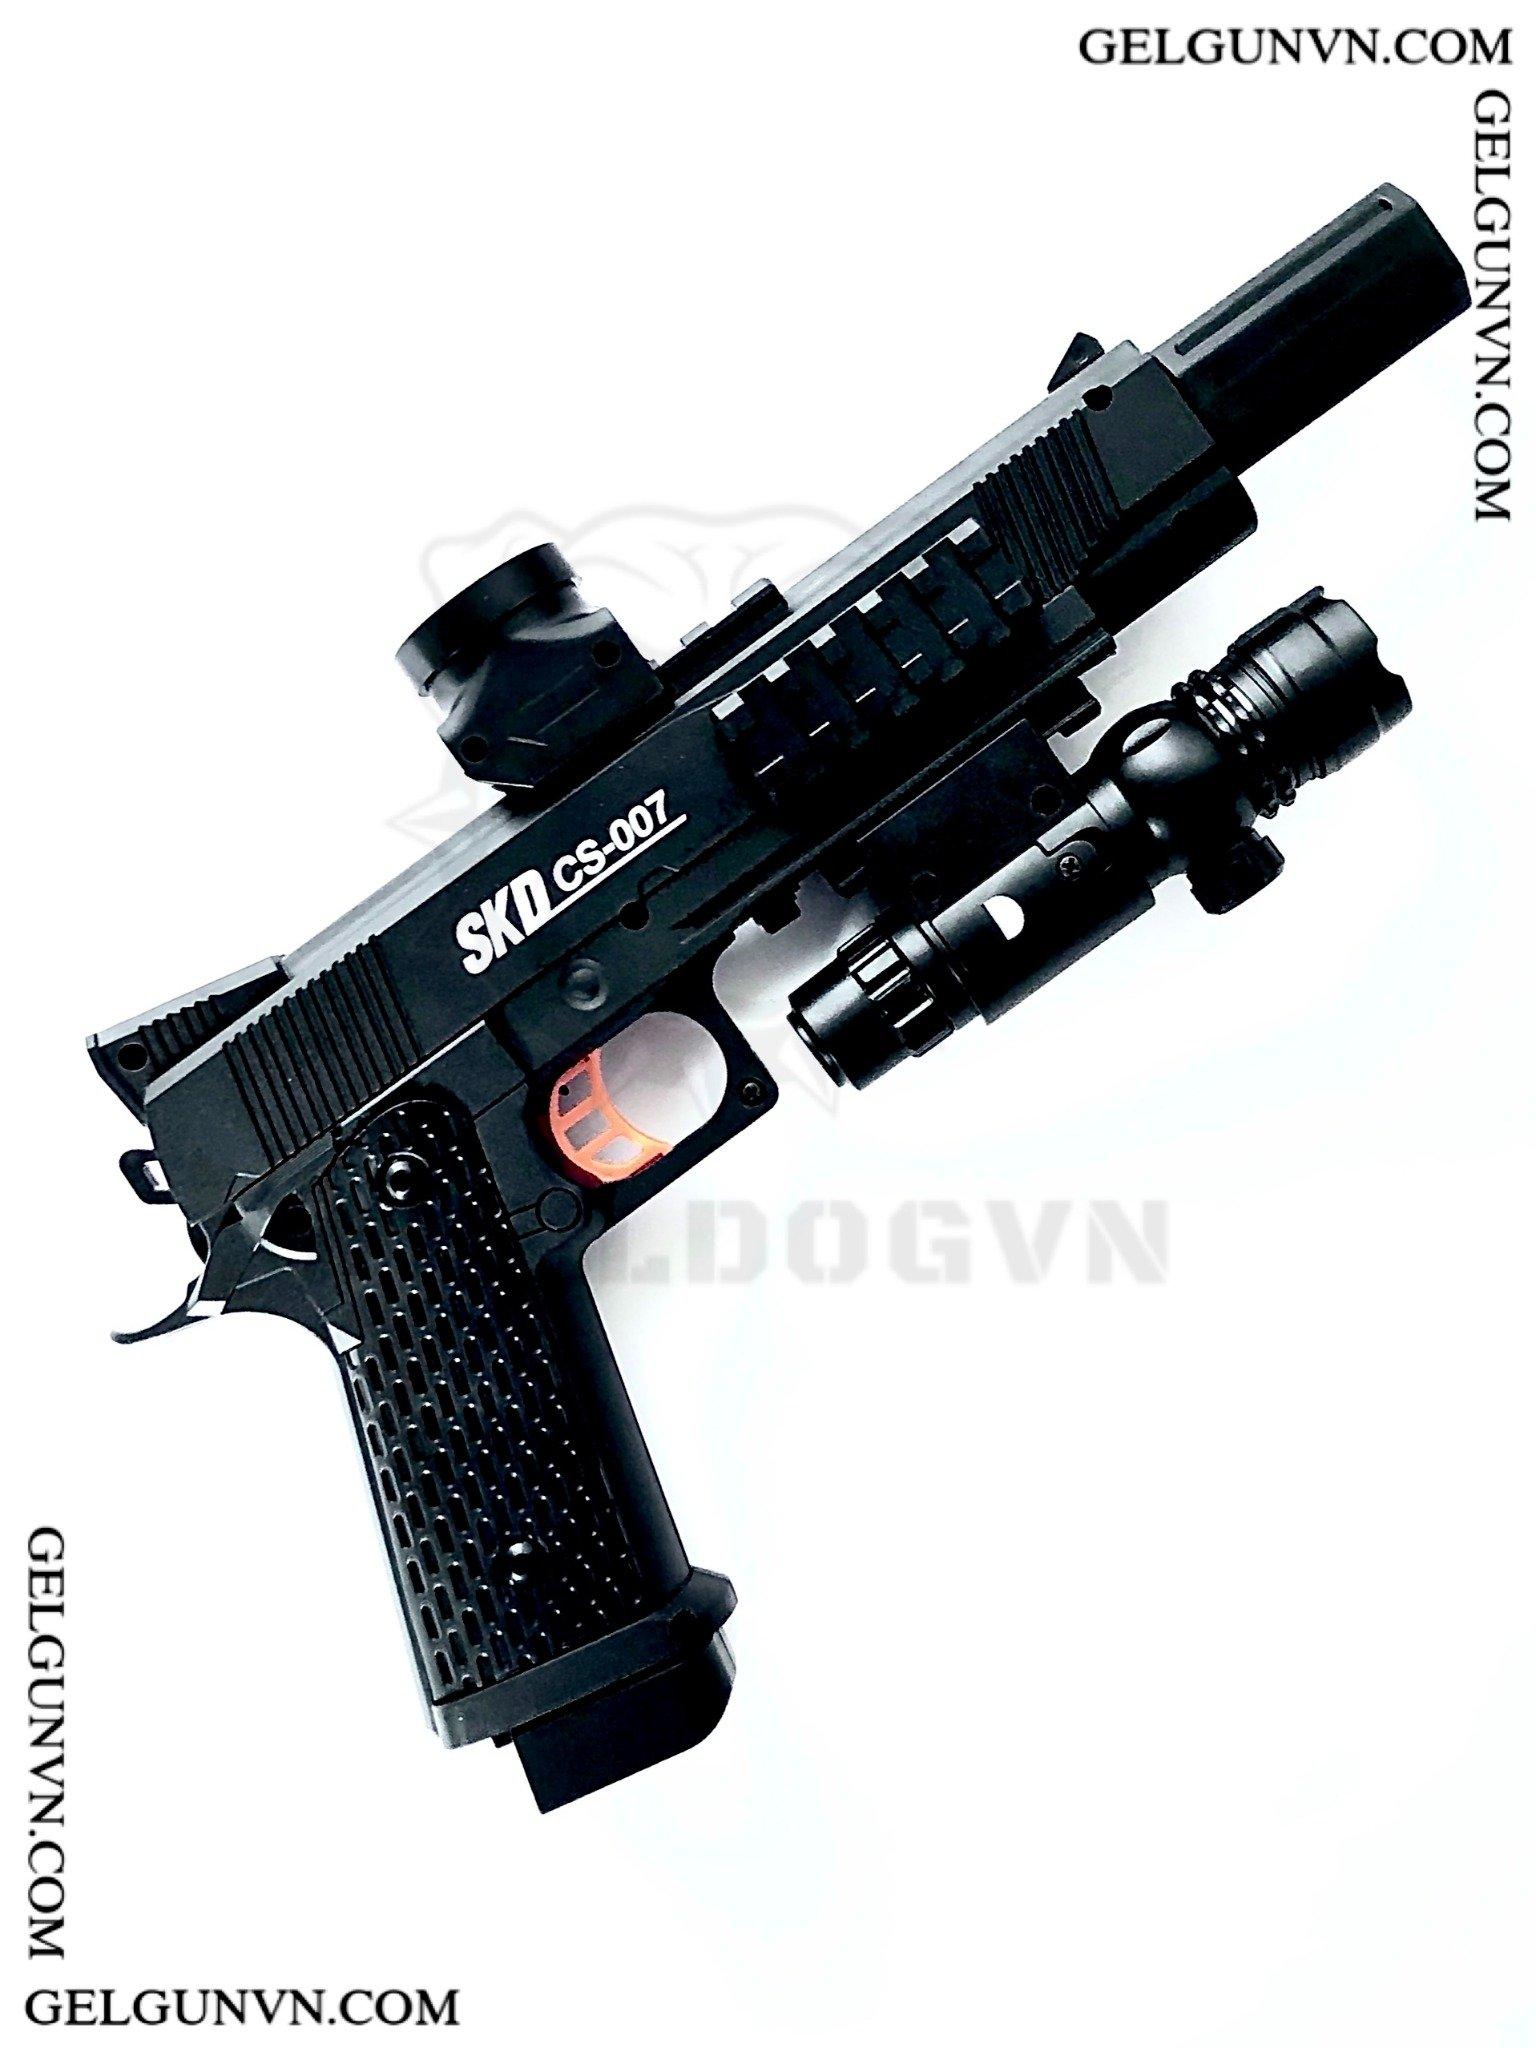 Súng Đan Thạch M1911 Phiên Bản Tự Động FULL OPTION - Có Sẵn Hàng